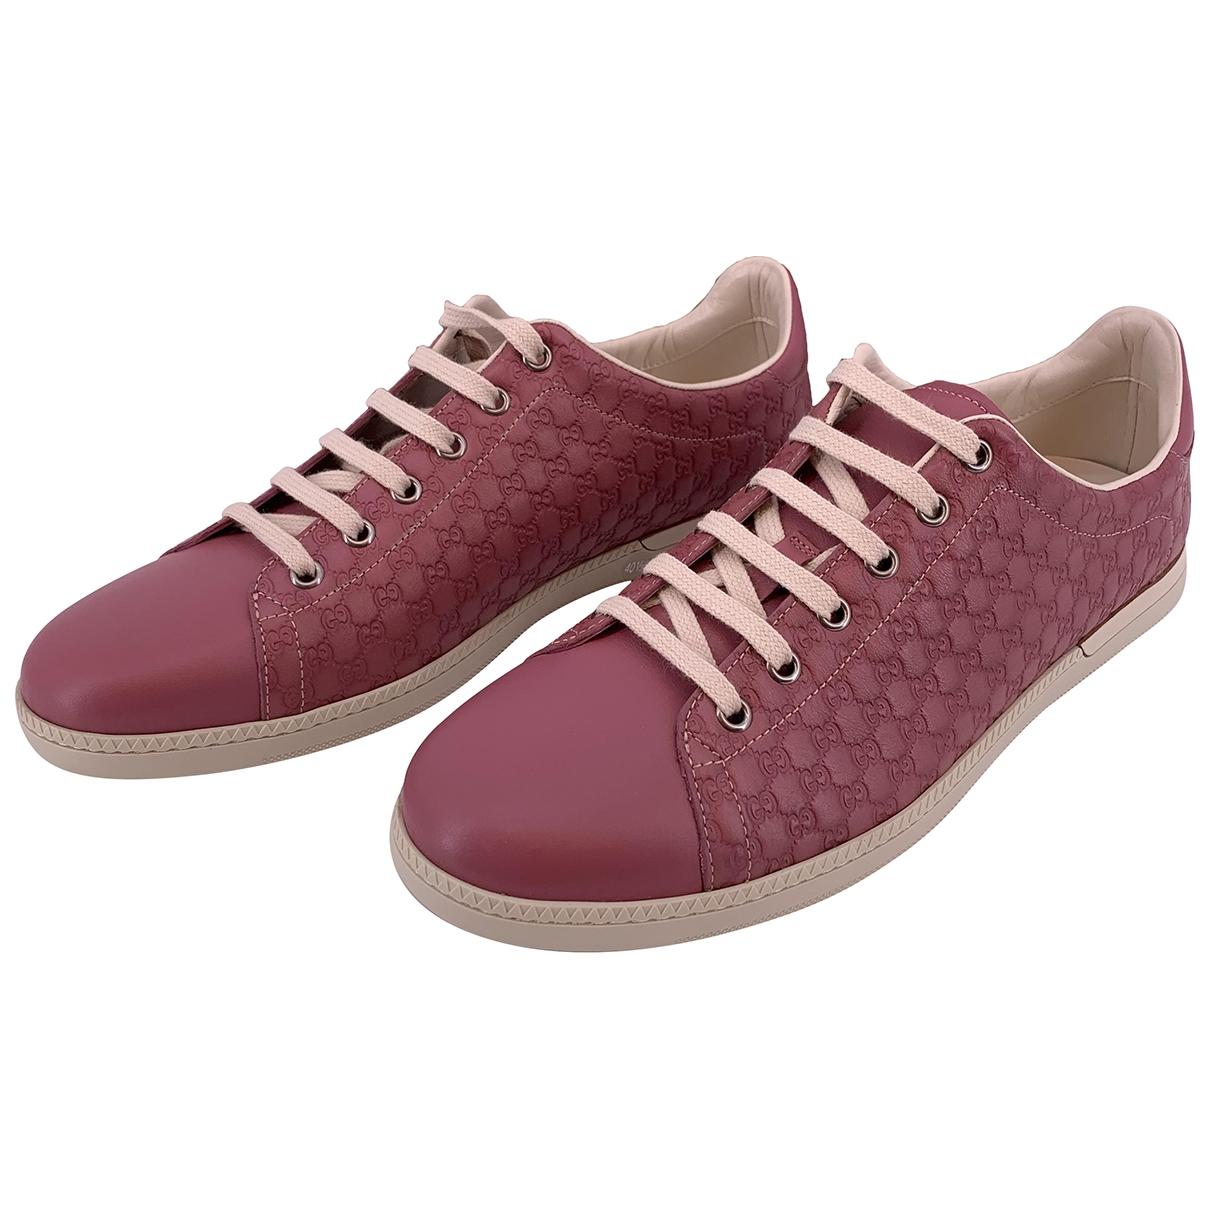 Gucci - Baskets   pour femme en cuir - rose